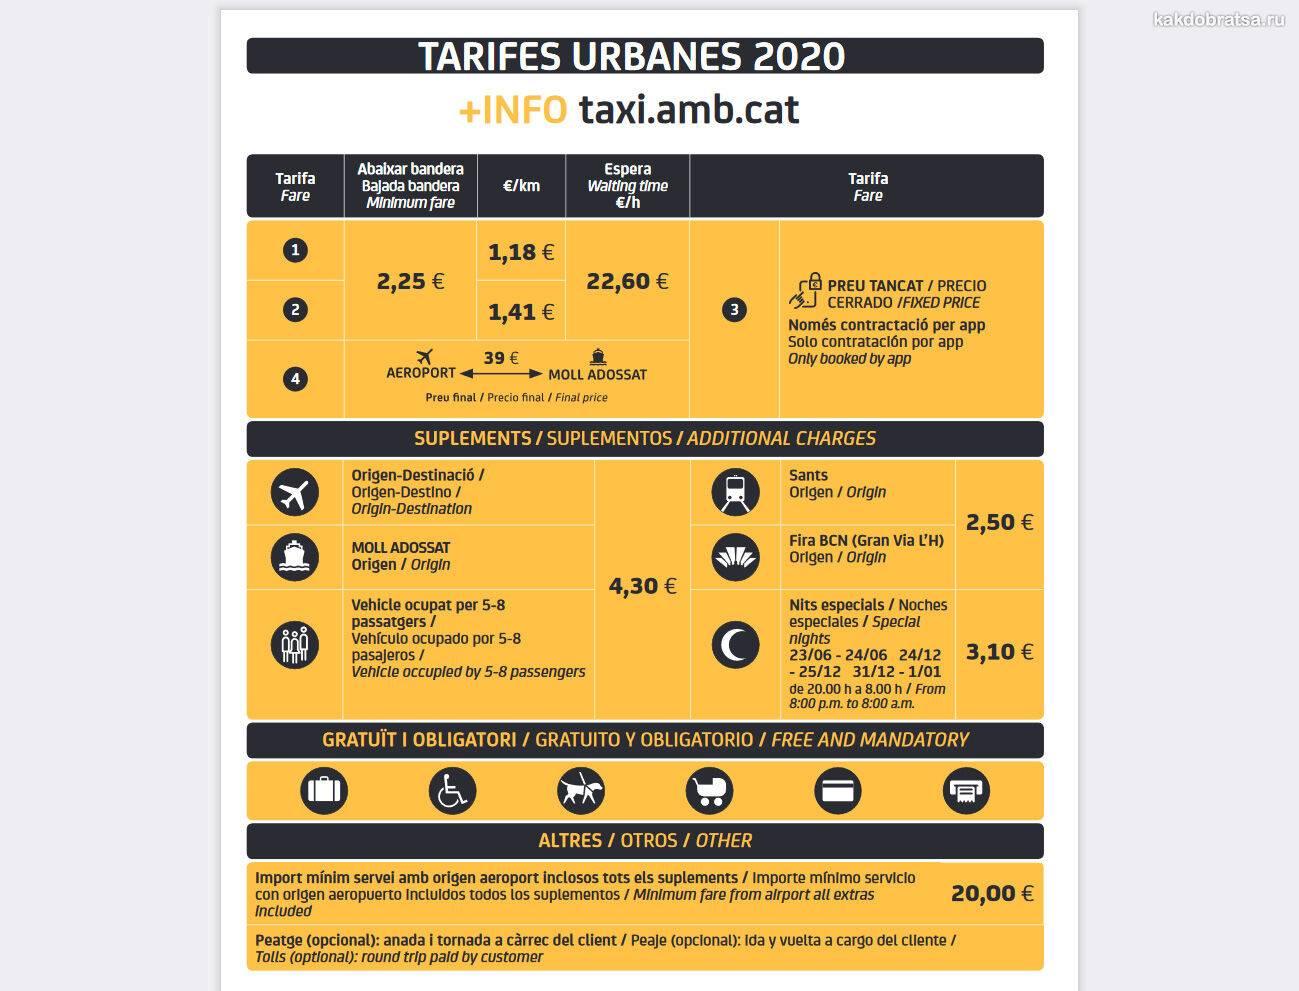 Как поймать и сколько стоит такси в барселоне | путеводитель по барселоне